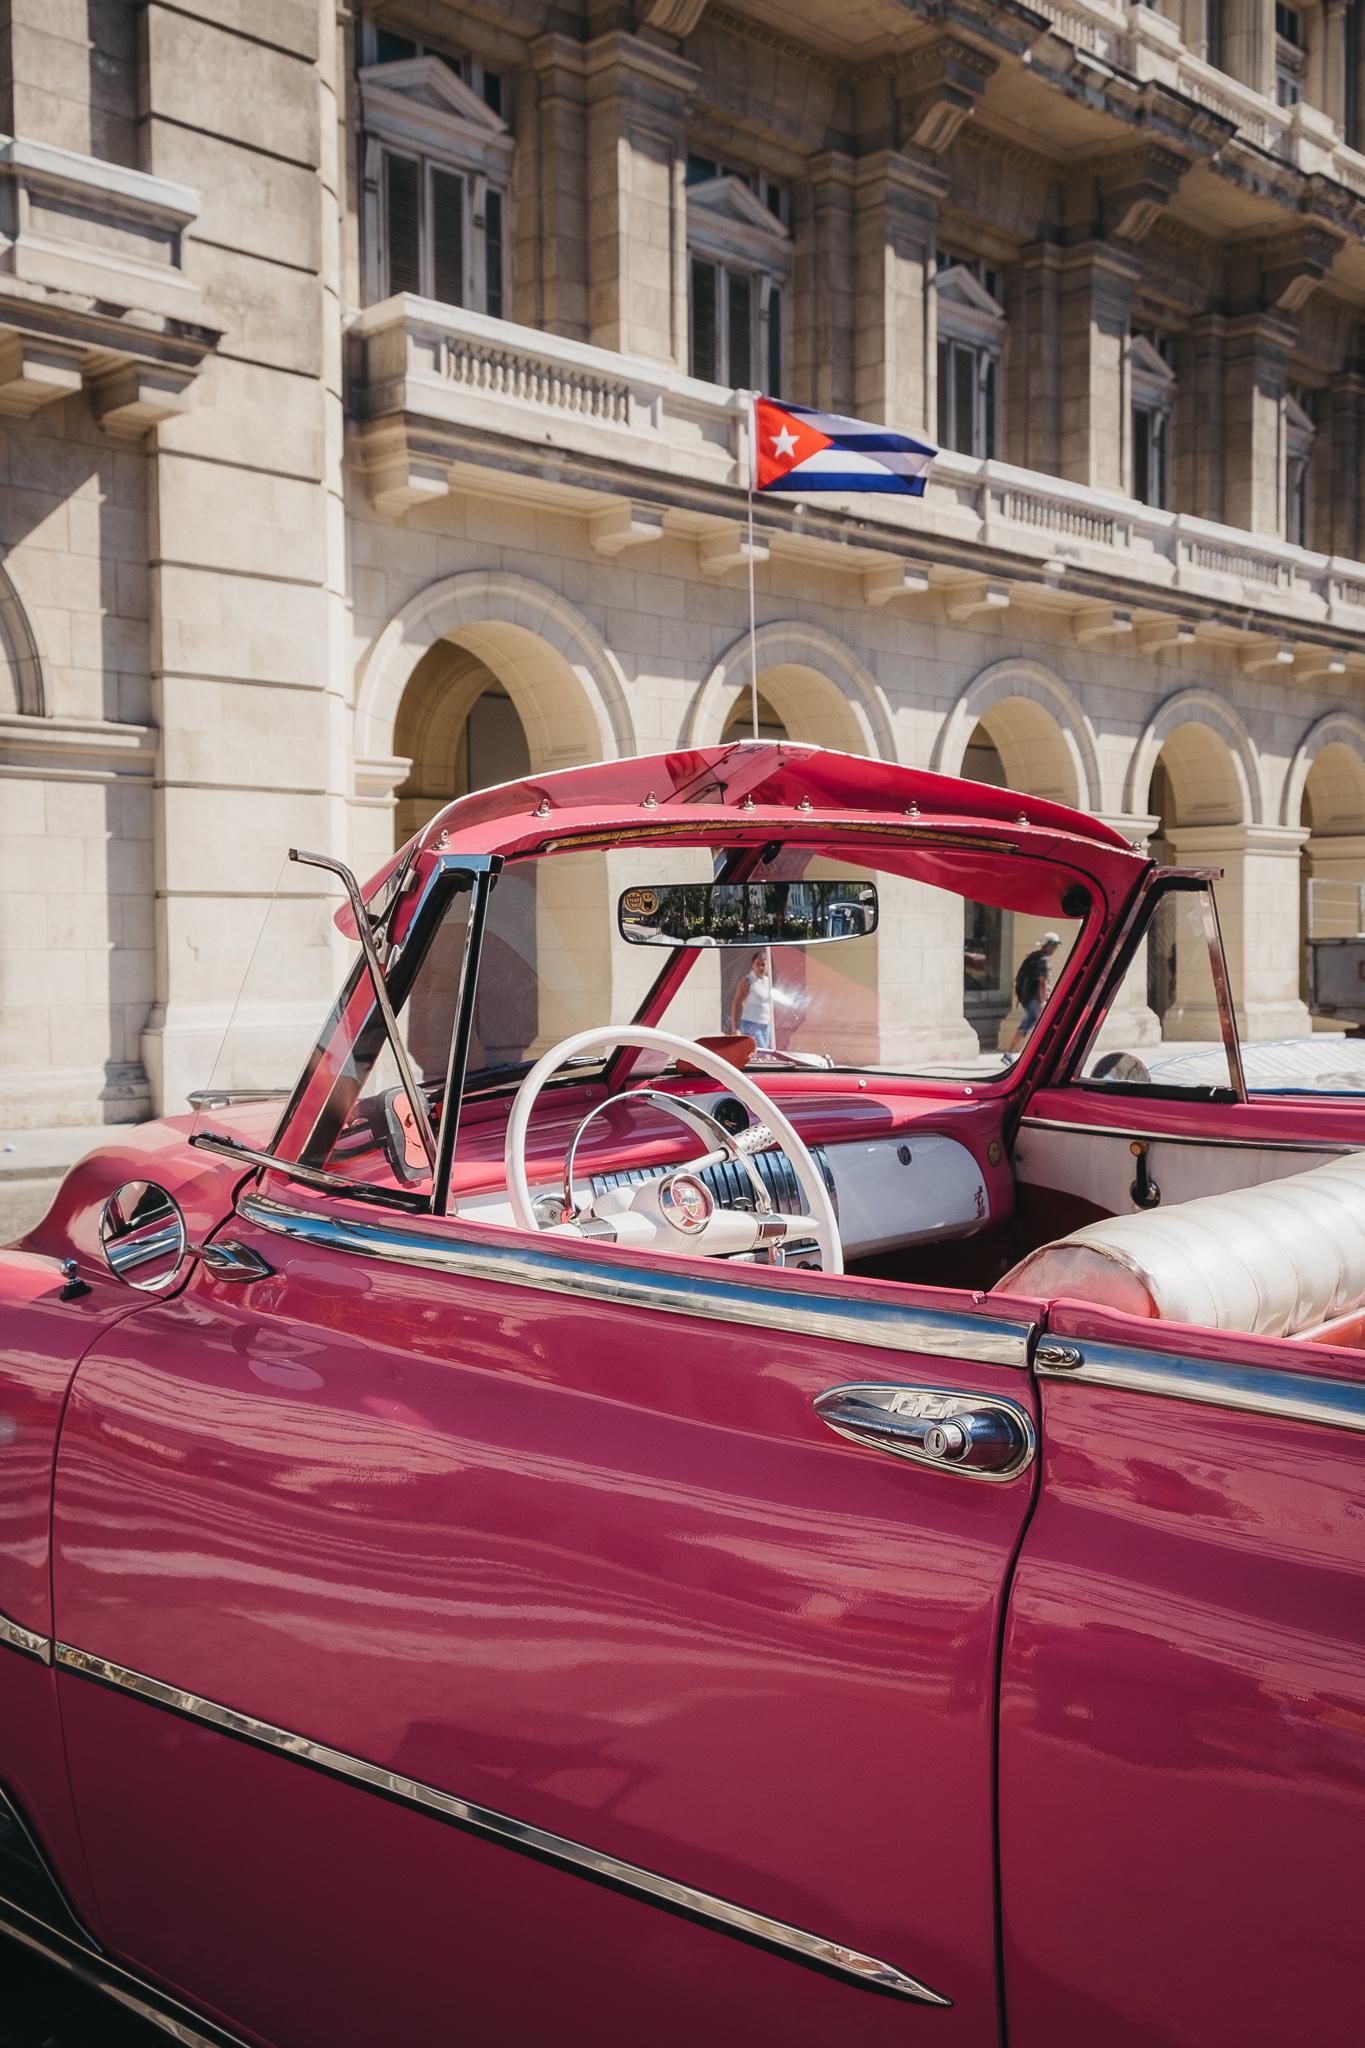 Cuba-2017-12-Havana-1281.jpg